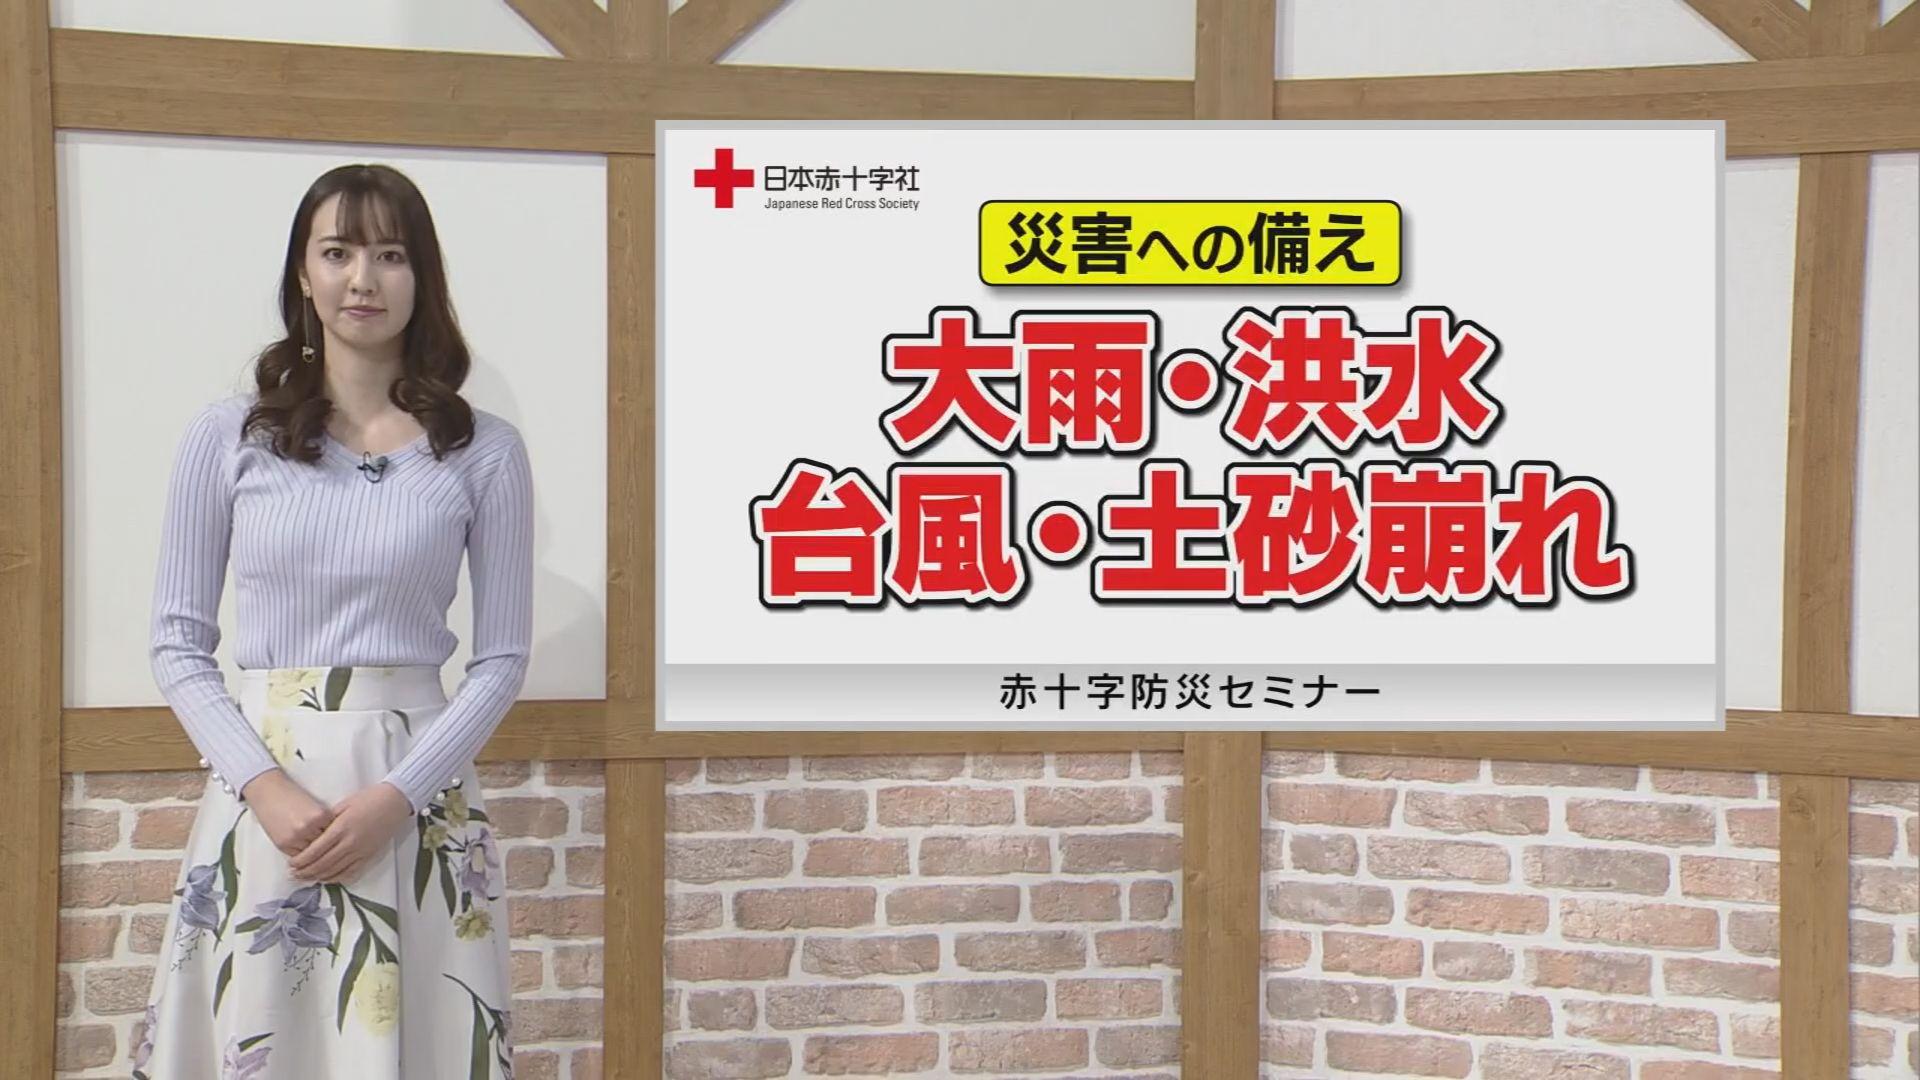 災害への備え「大雨・洪水・台風・土砂崩れ」